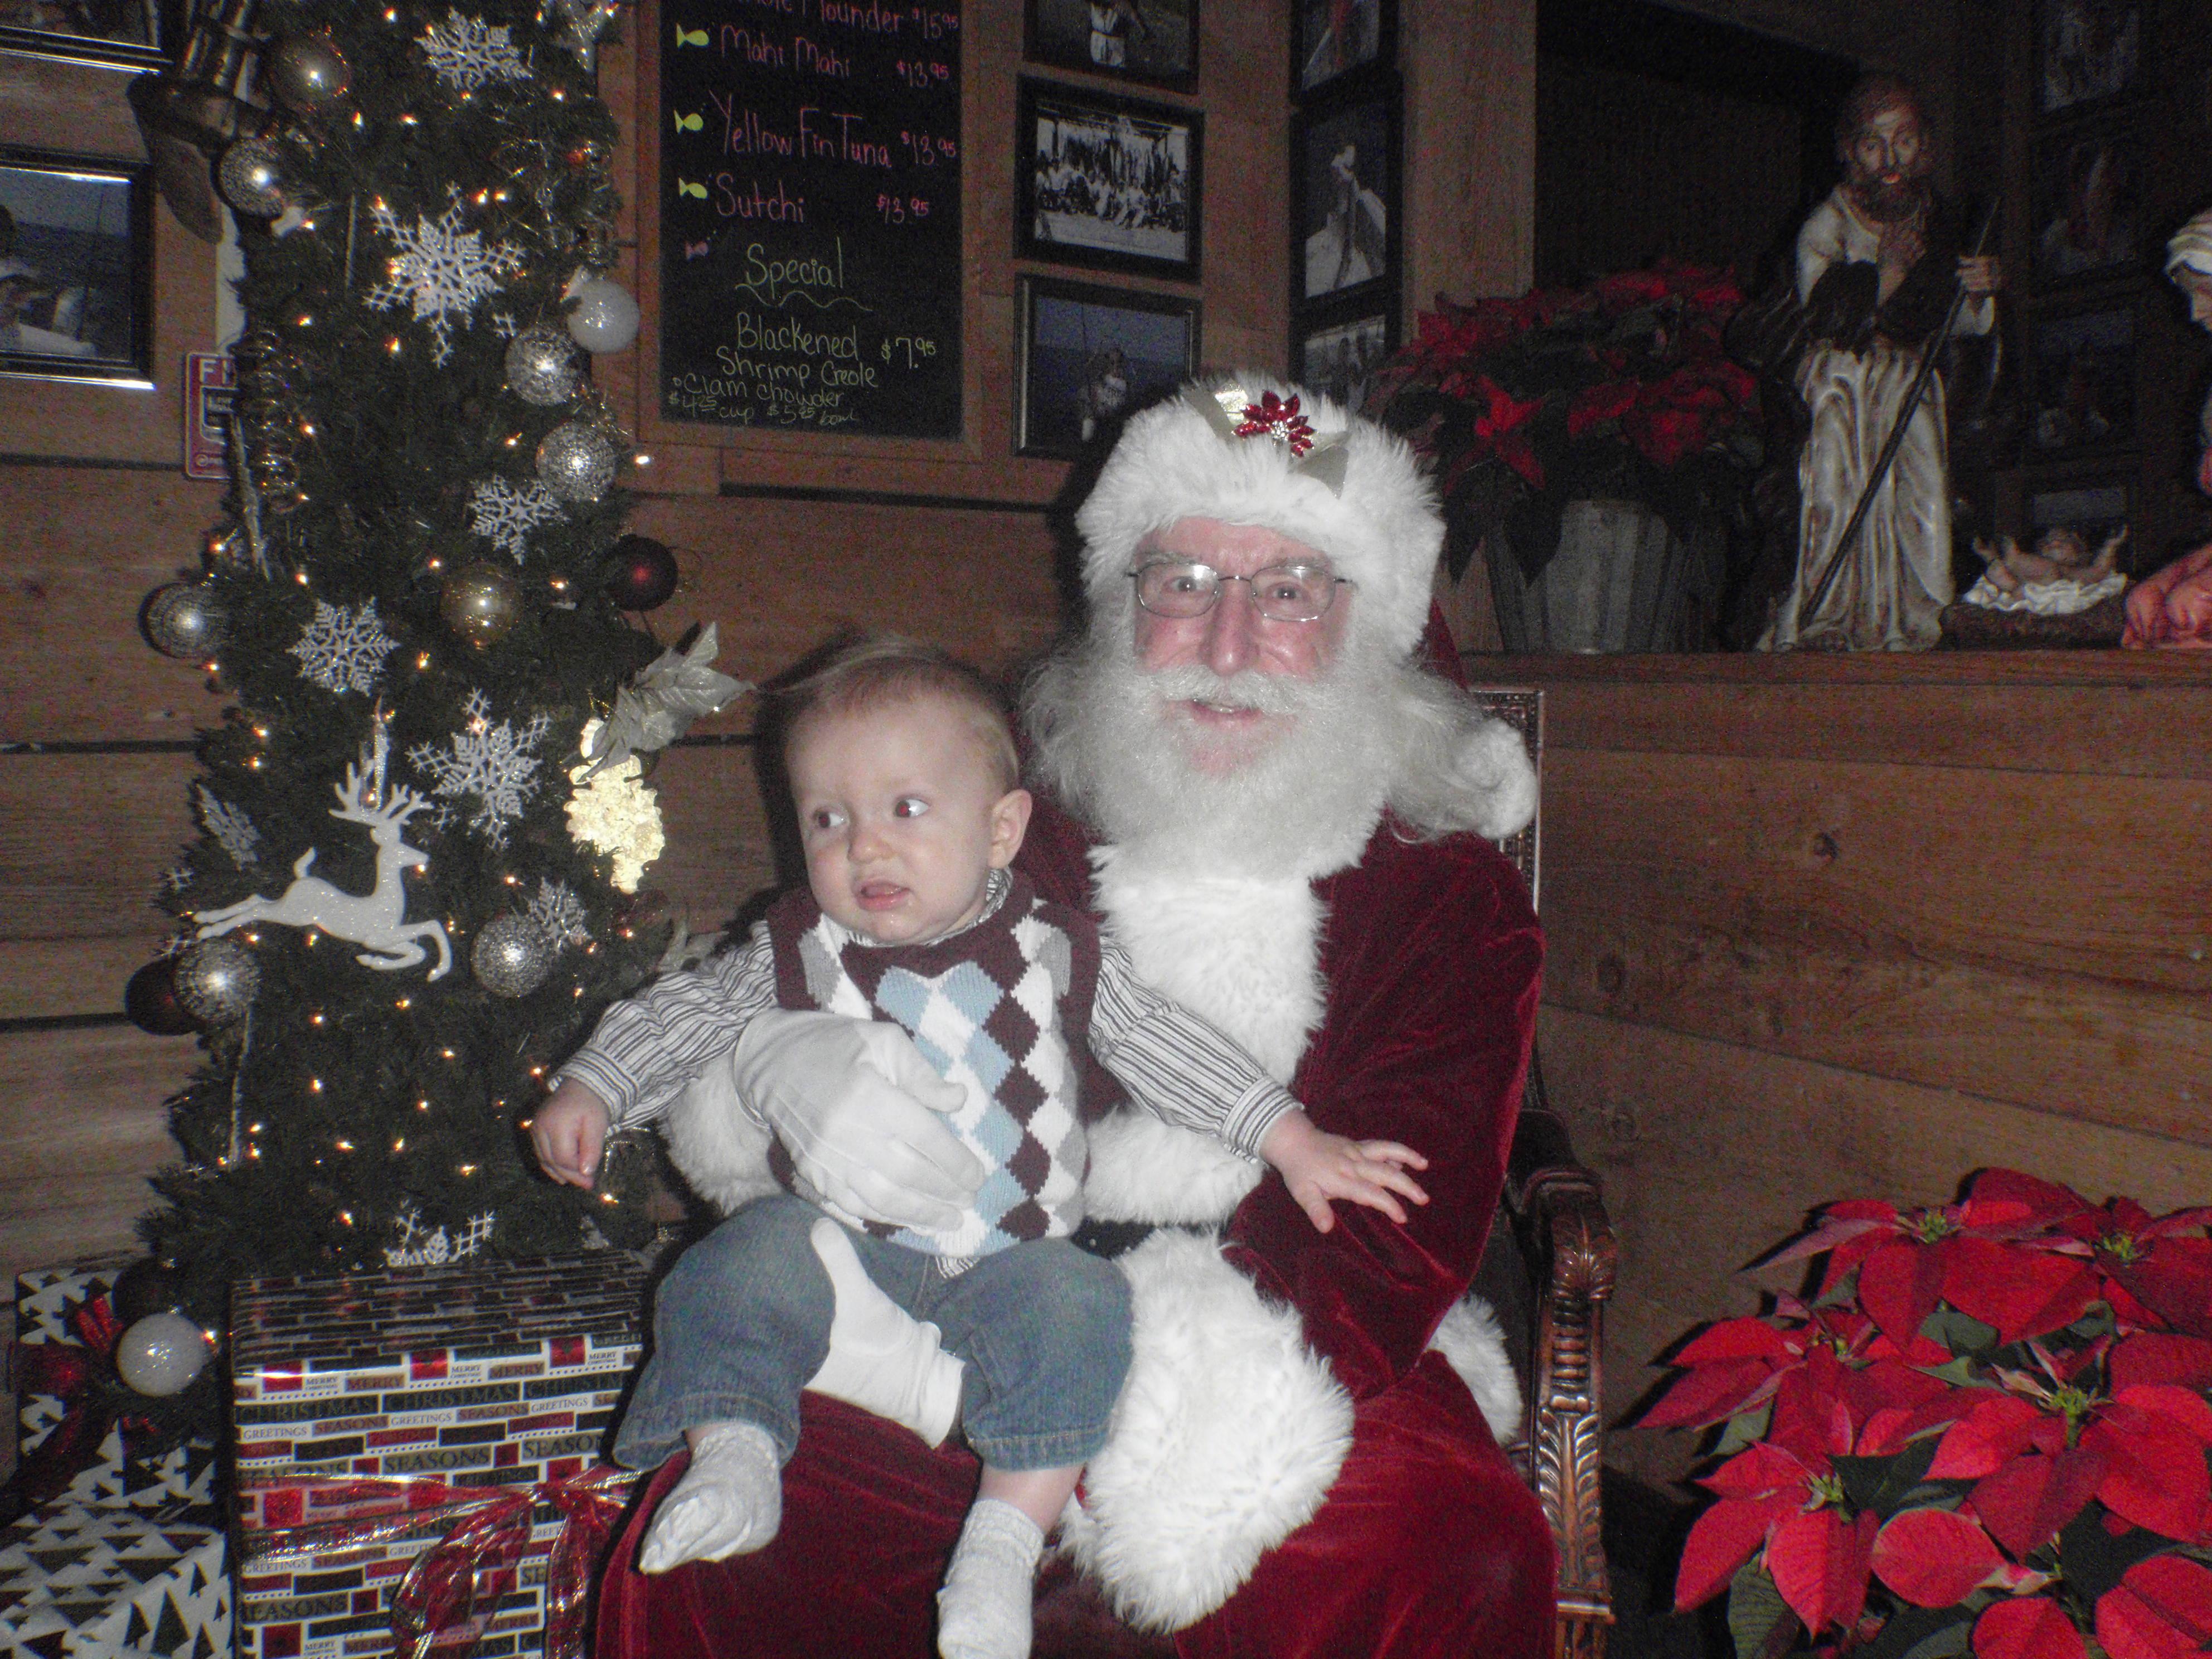 Baby and Santa 2